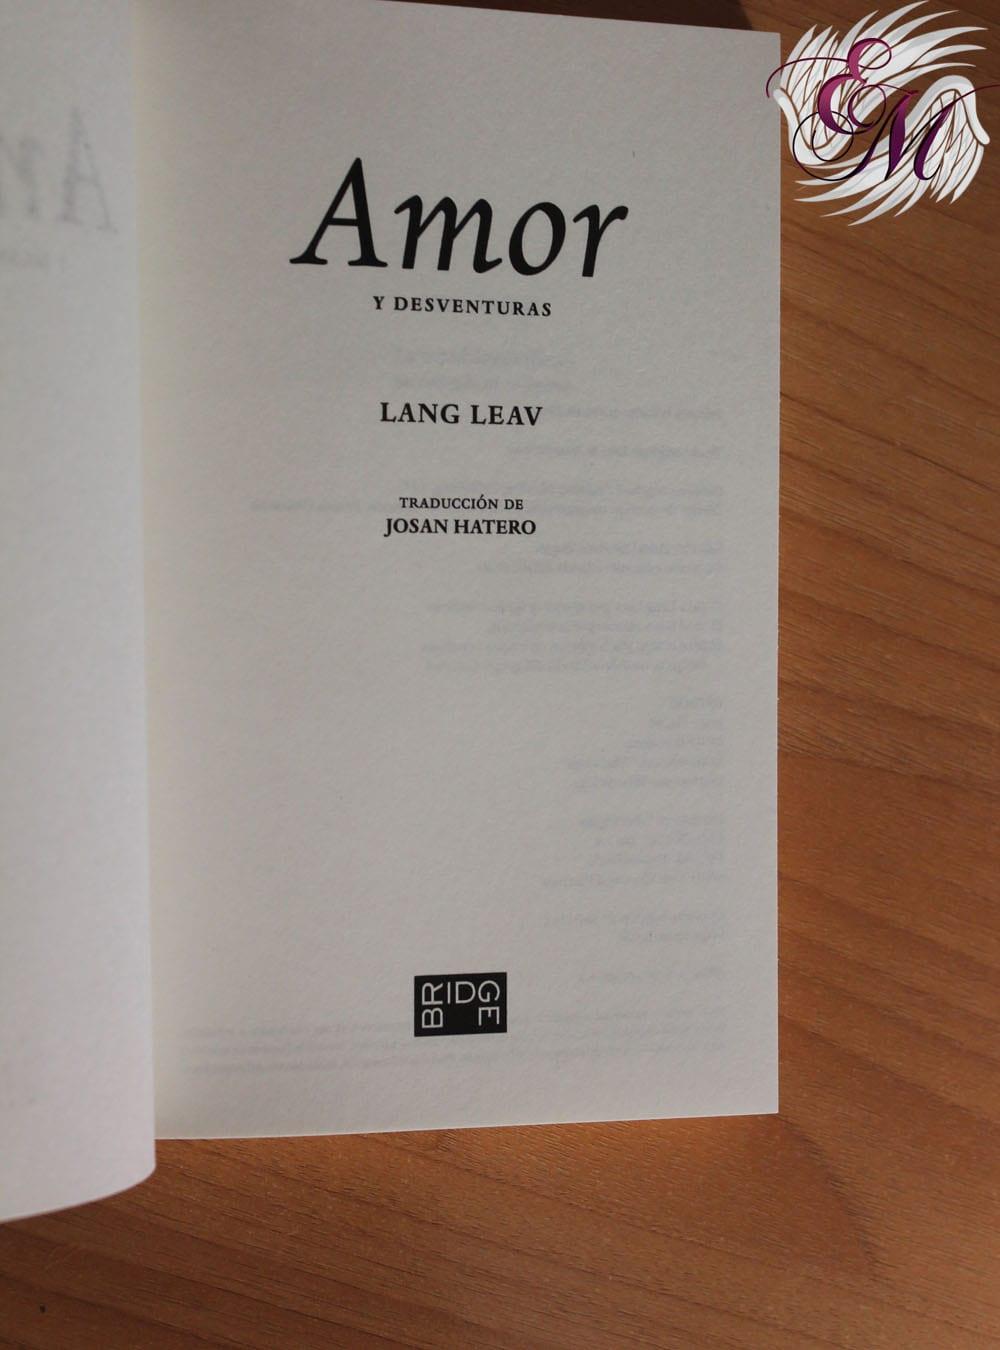 Amor y desventuras, de Lang Leav - Reseña